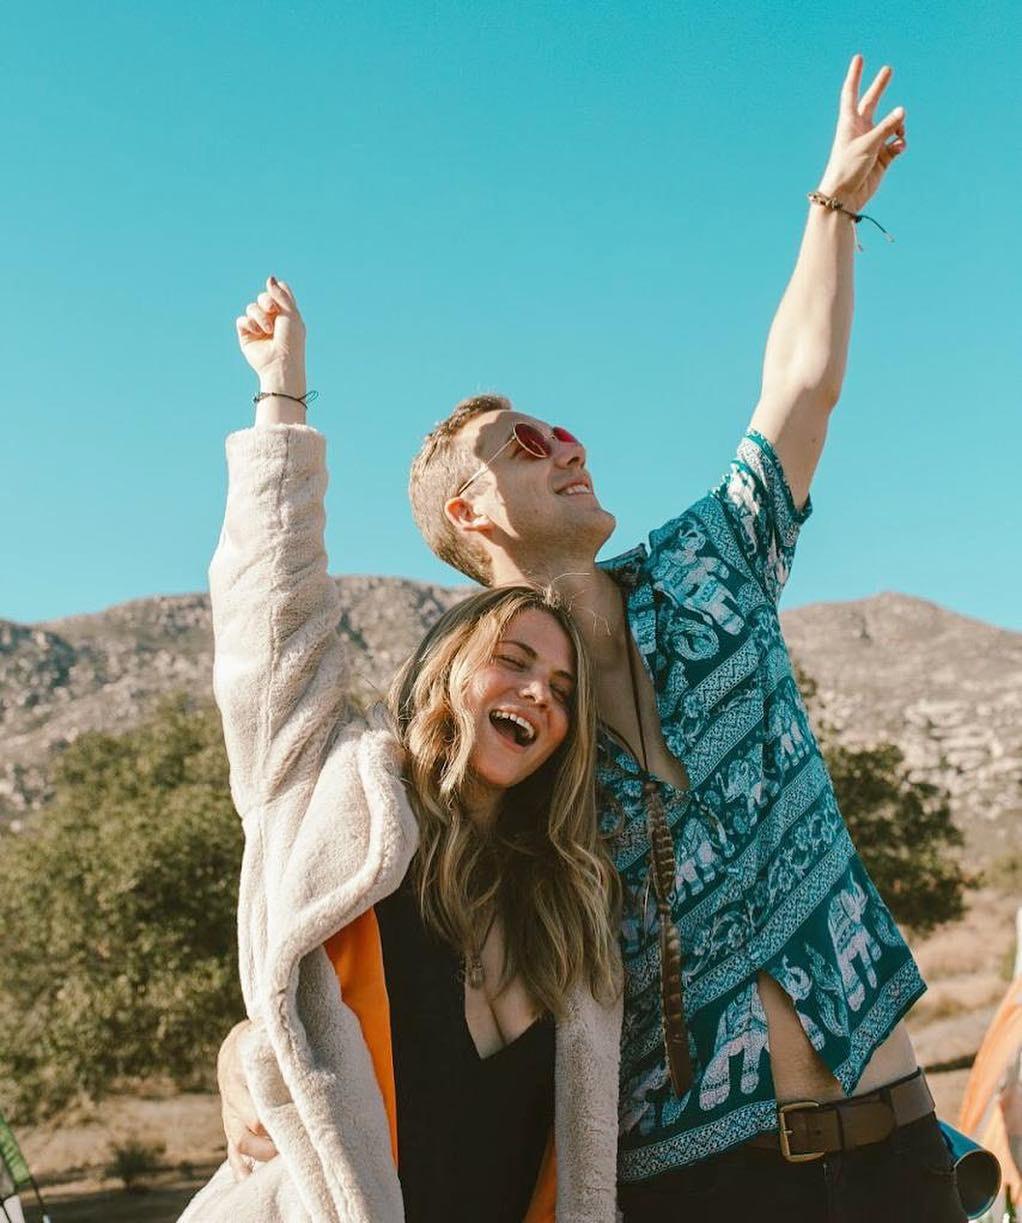 Trai xinh gái đẹp toàn thế giới hội tụ, Coachella - lễ hội âm nhạc lớn nhất hành tinh chính thức khai màn - Ảnh 15.